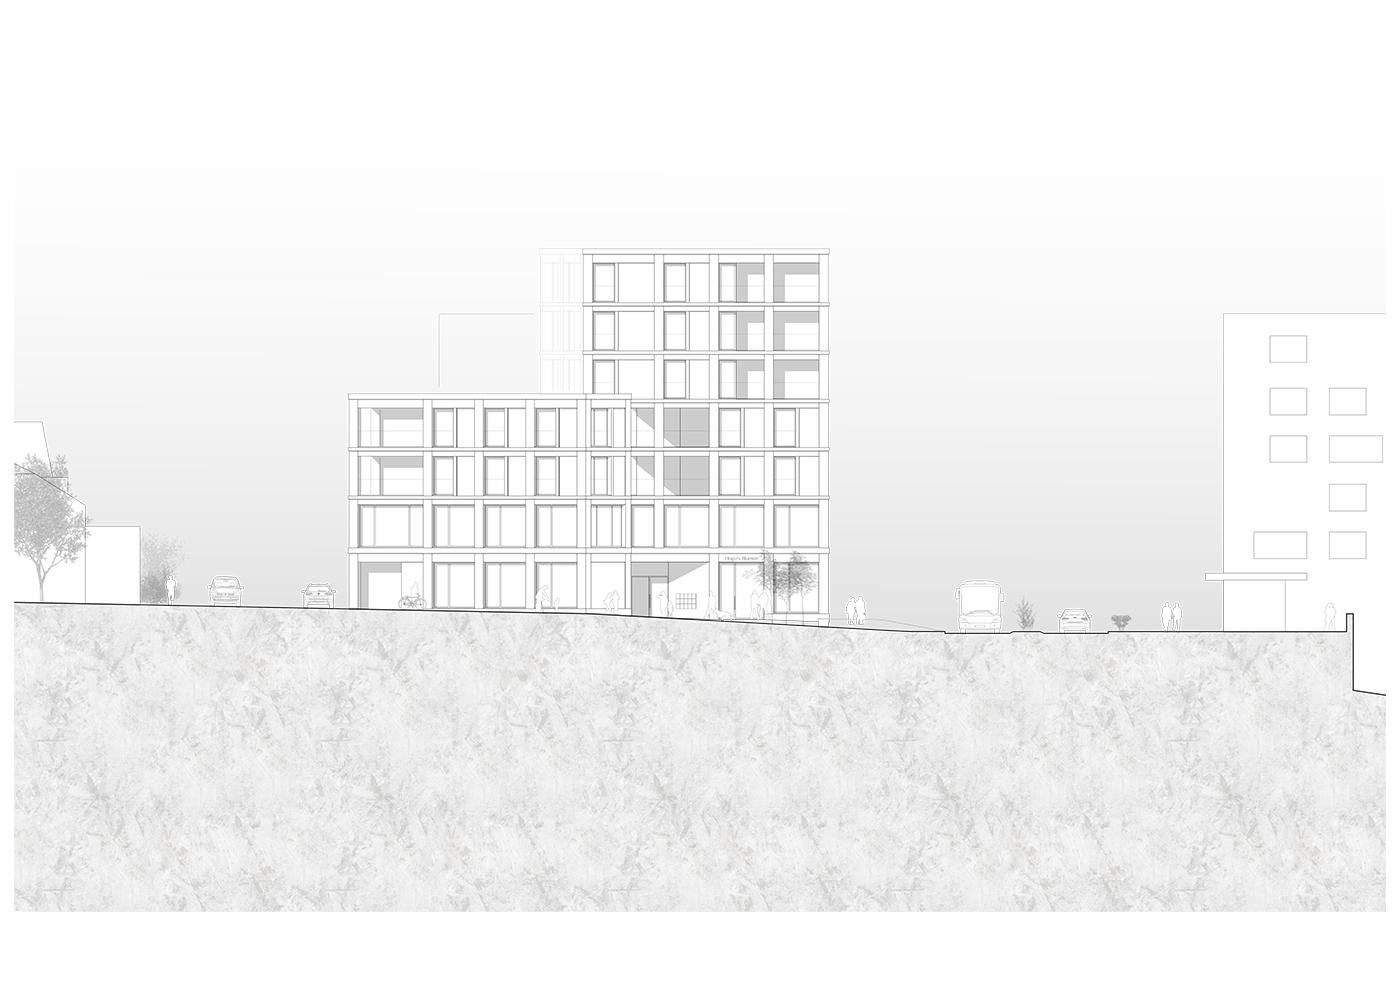 buan architekten – Studienauftrag Kanzlei-Kreisel Emmenbrücke – Ansicht Südost